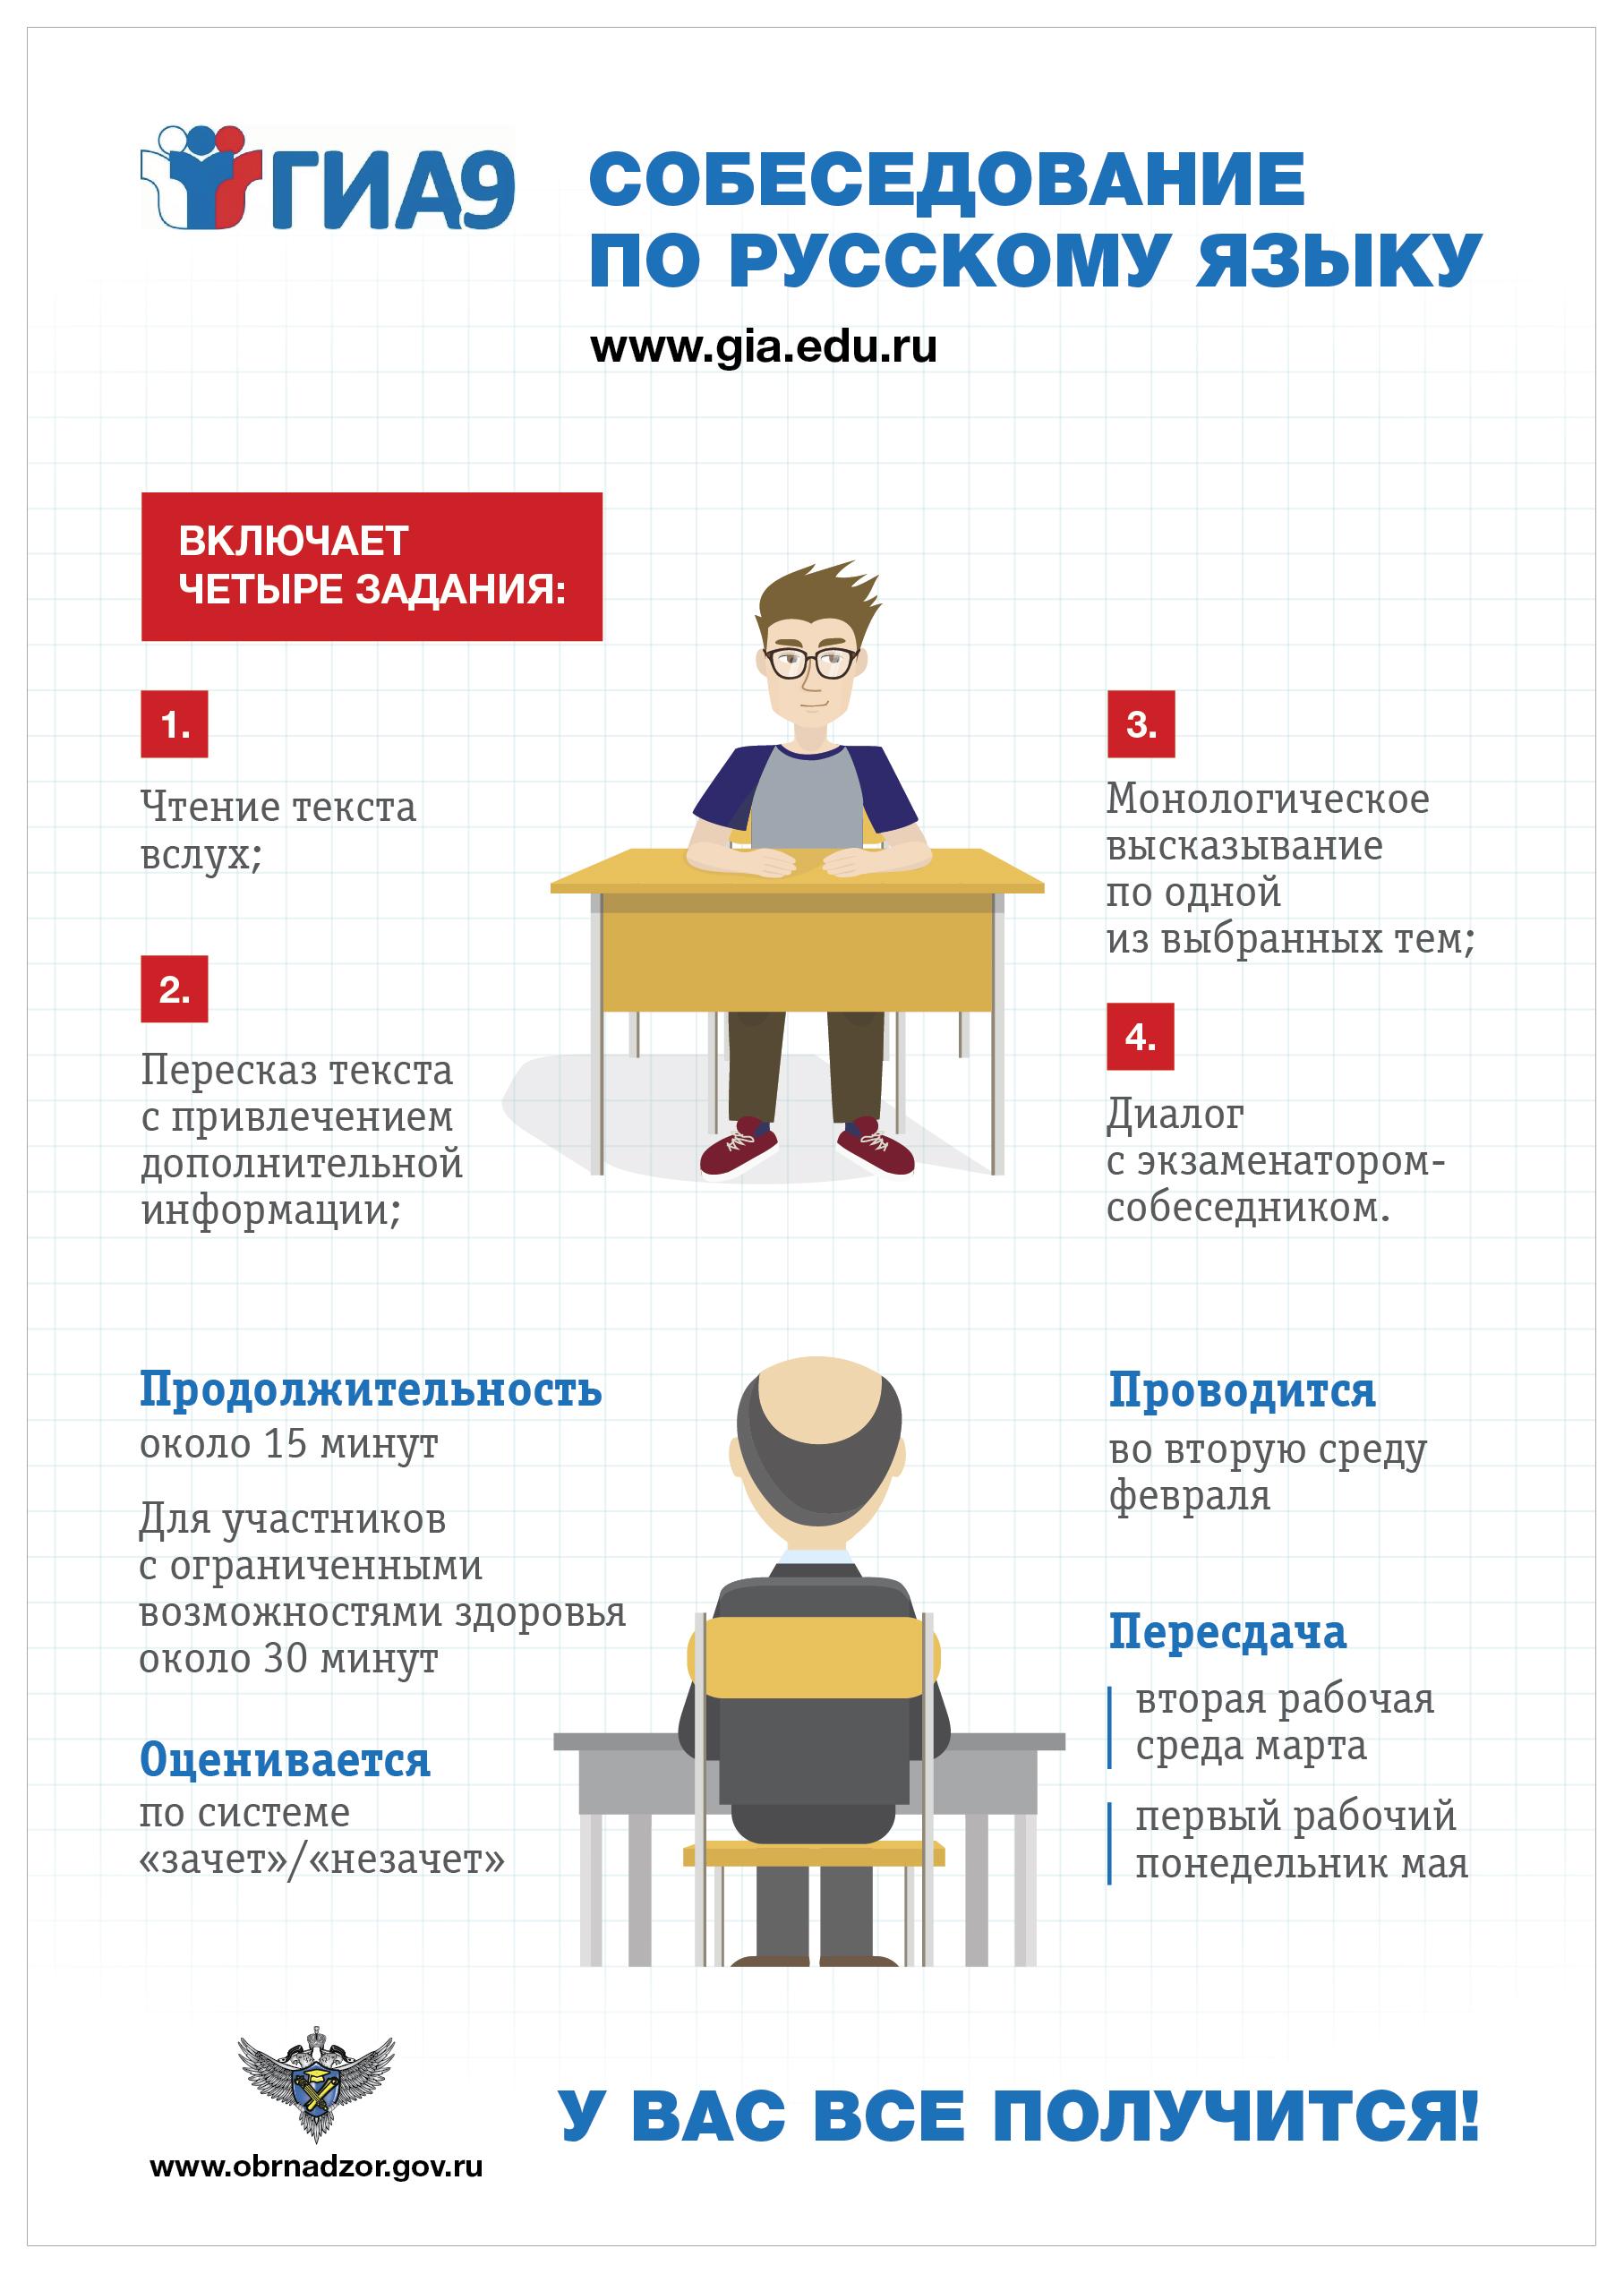 O sobesedovanii po russkomu yazyku